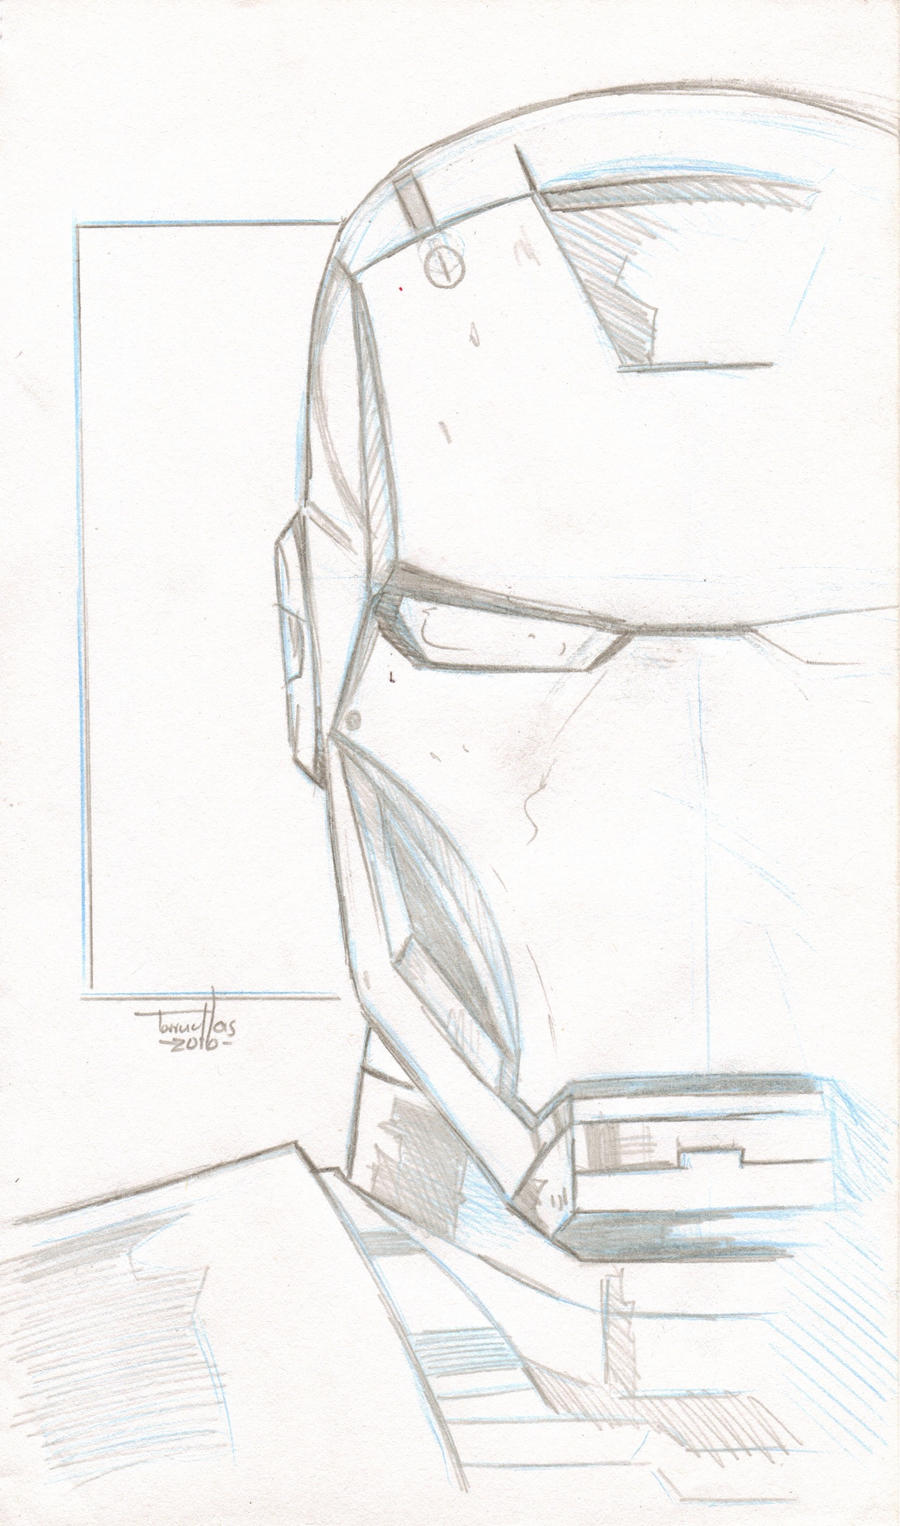 IRON MAN Sketch 6x9.5 By TorruellasArts On DeviantArt